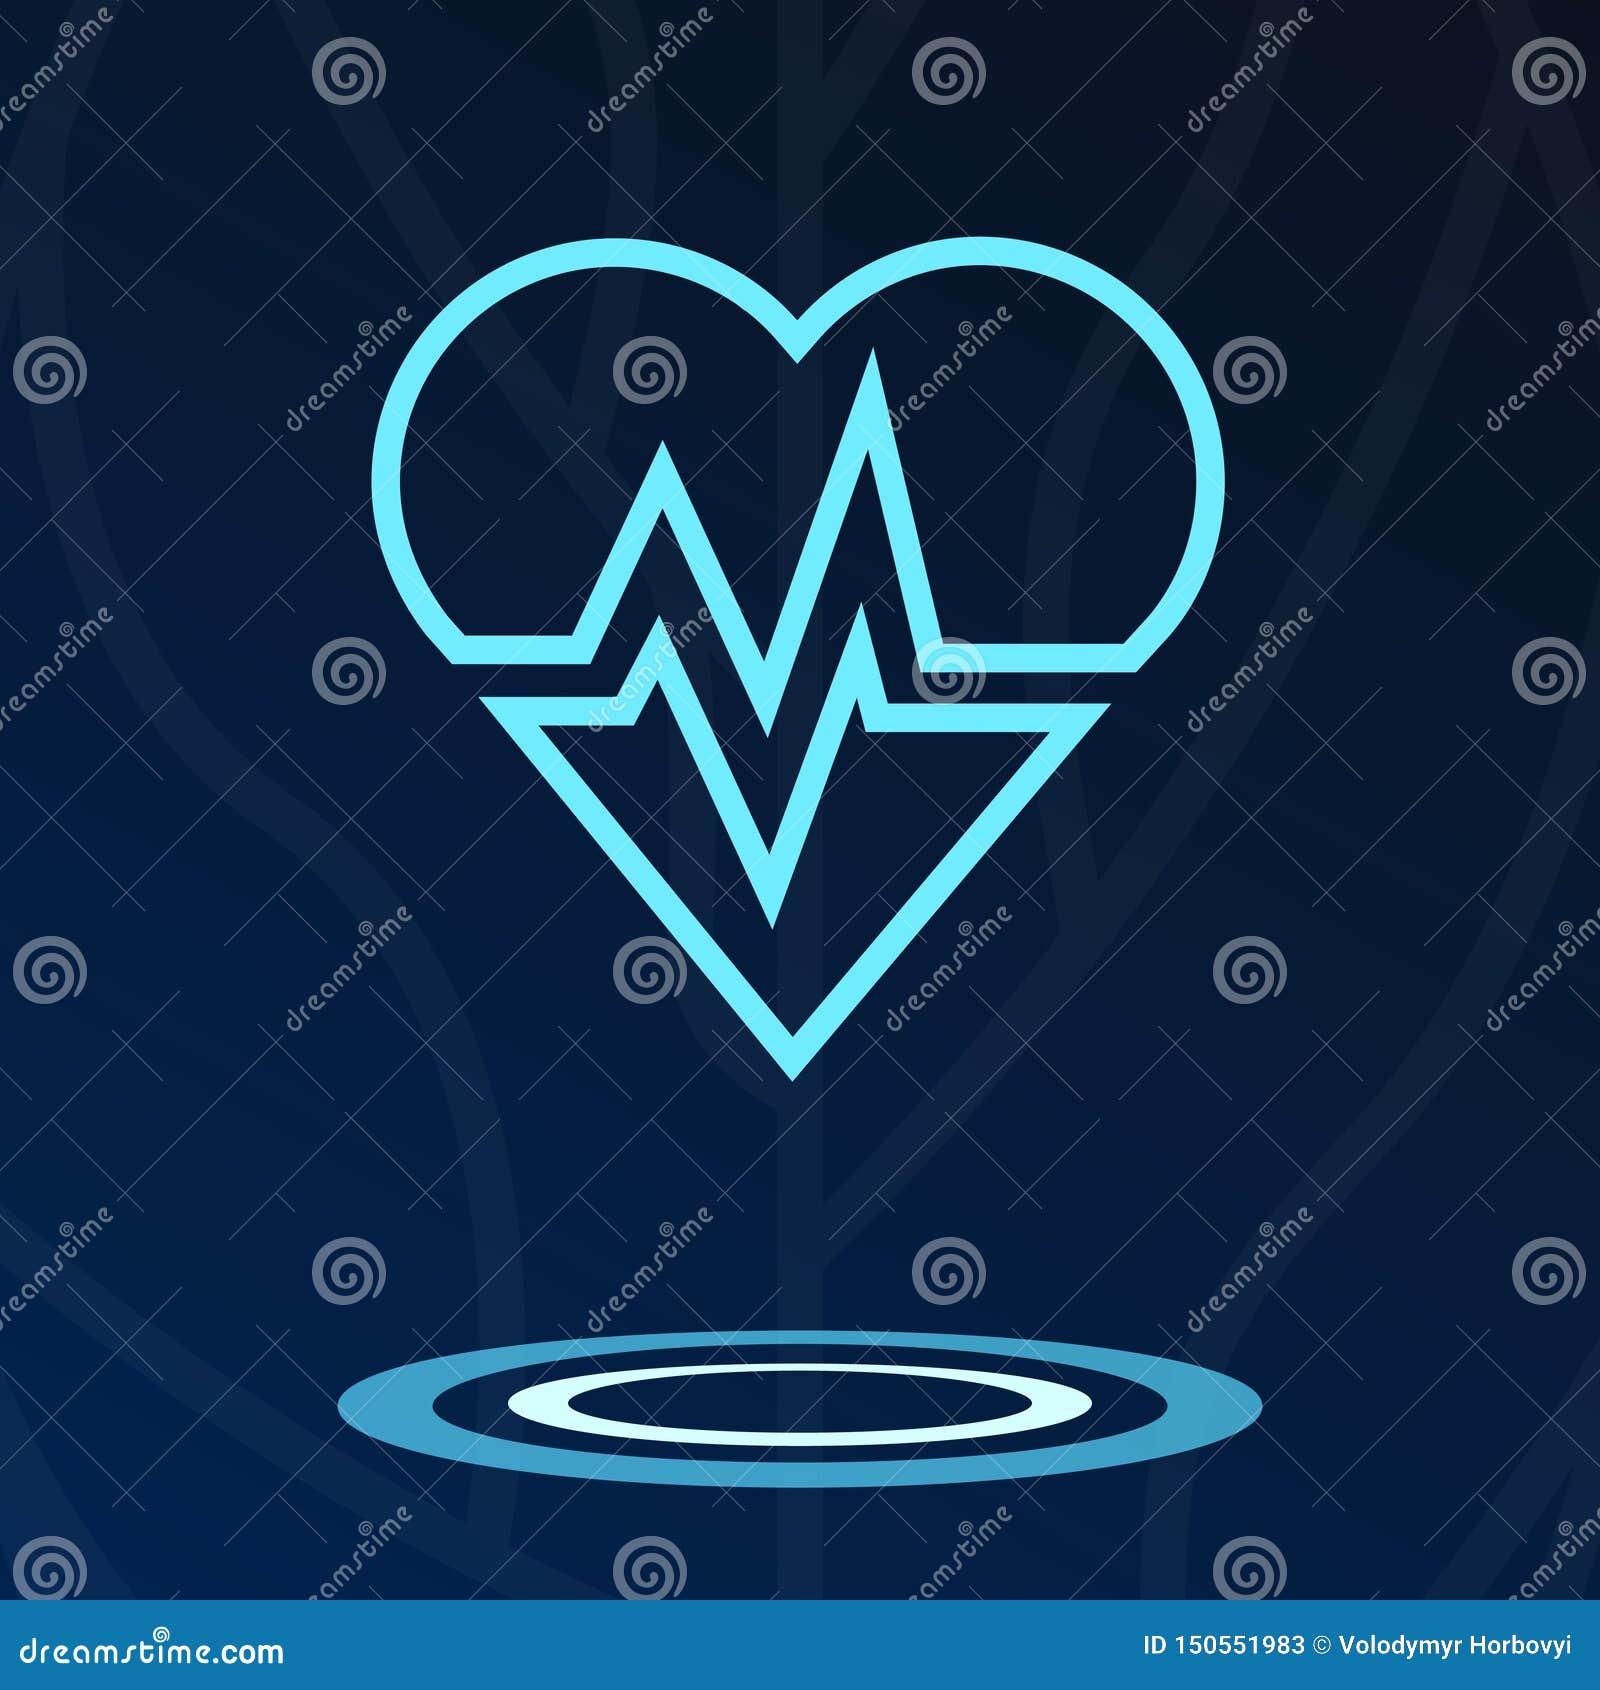 Καρδιά, καρδιο ολόγραμμα σημαδιών logotype